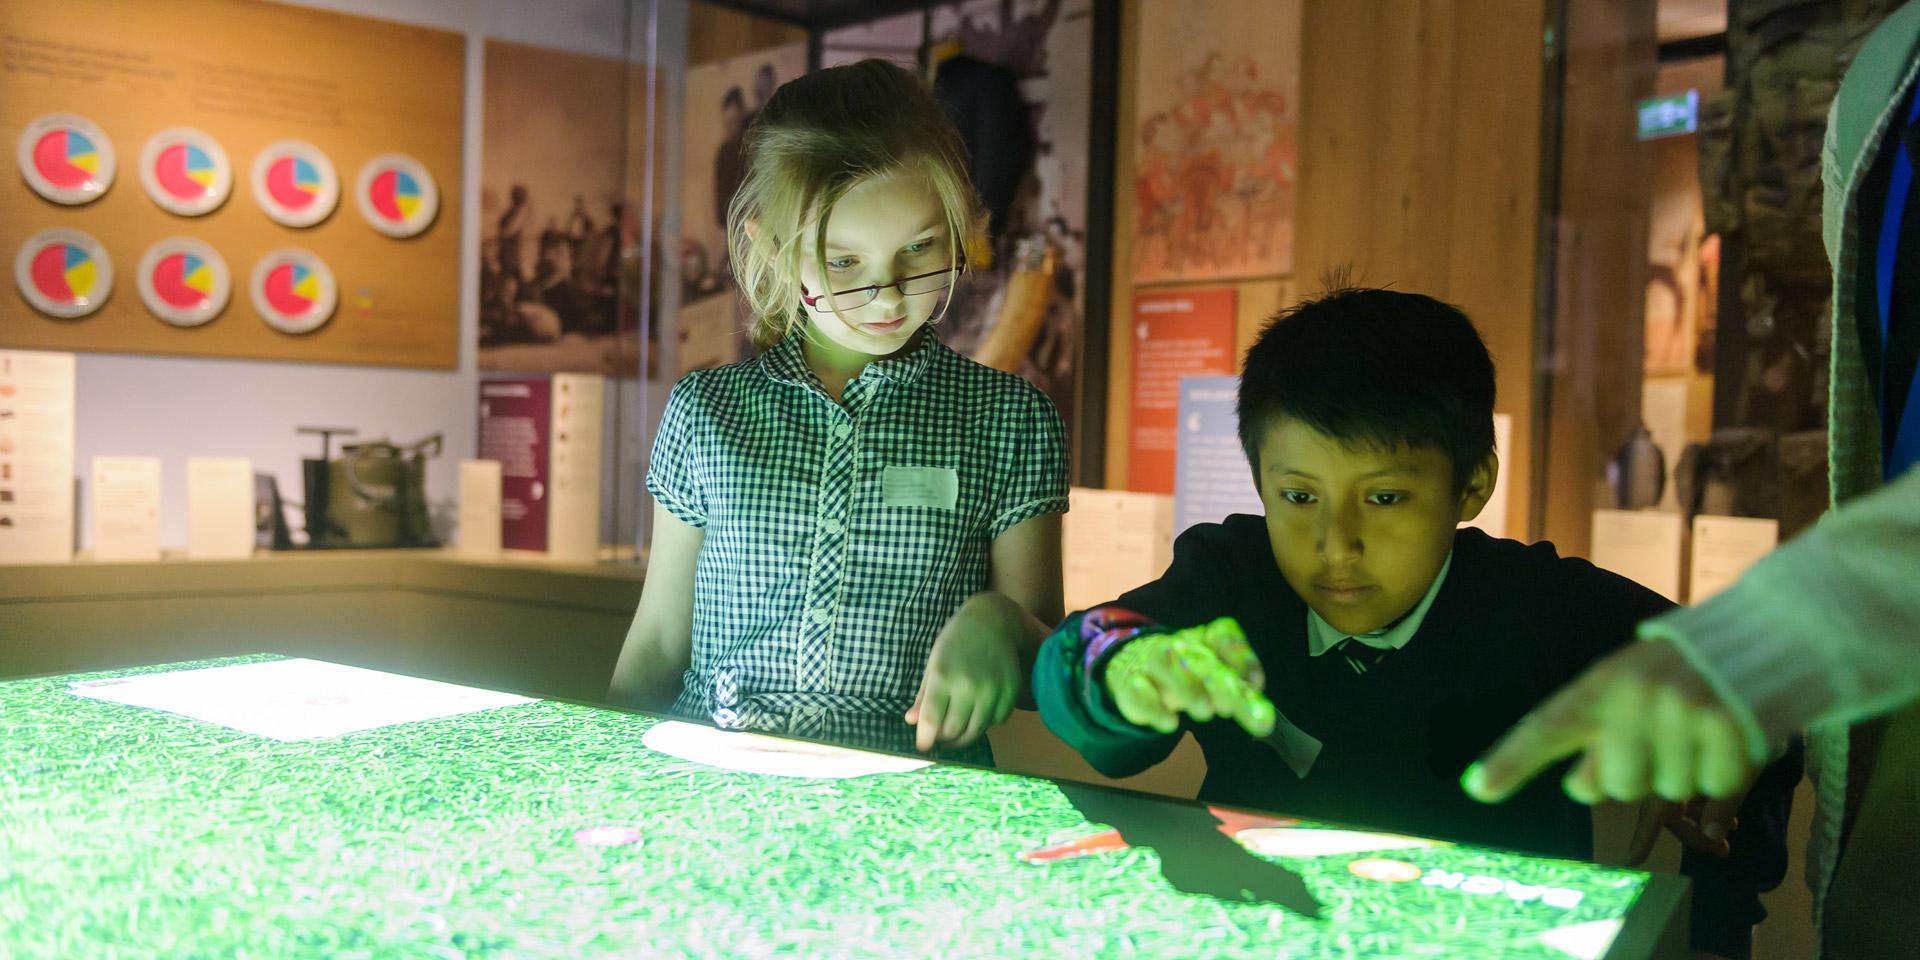 School children visiting Soldier gallery